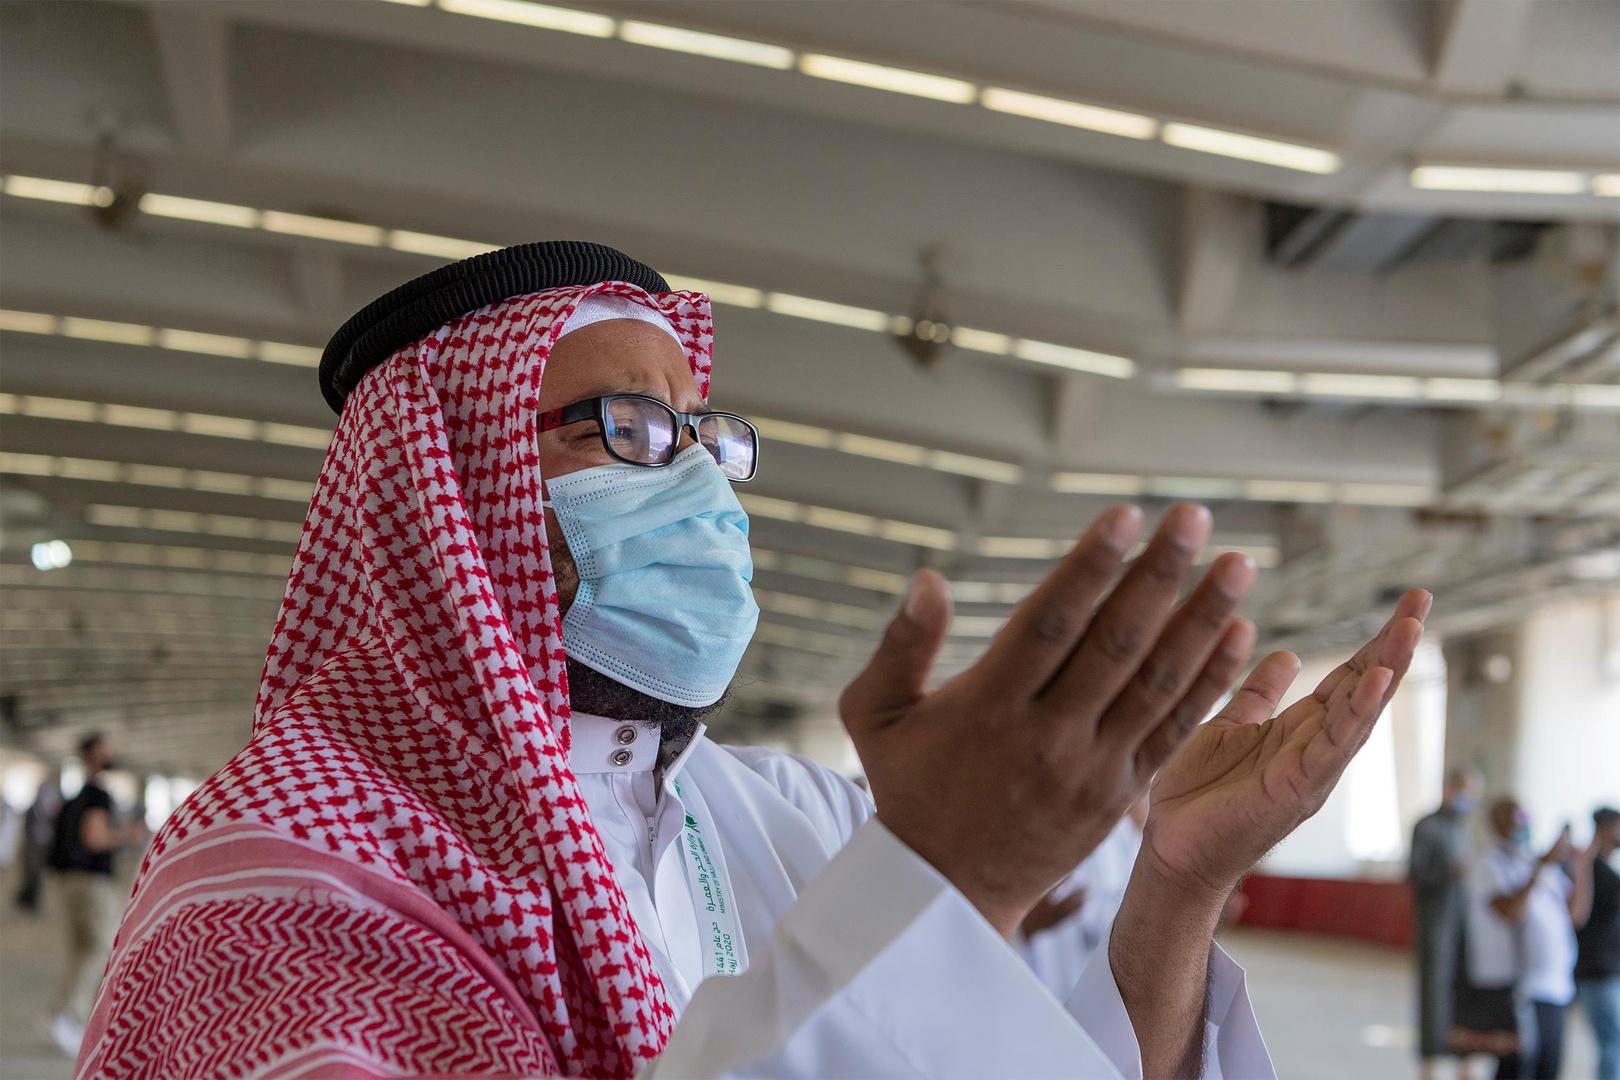 السعودية تعلن تخفيف الإجراءات الاحترازية الخاصة بمكافحة تفشي كورونا